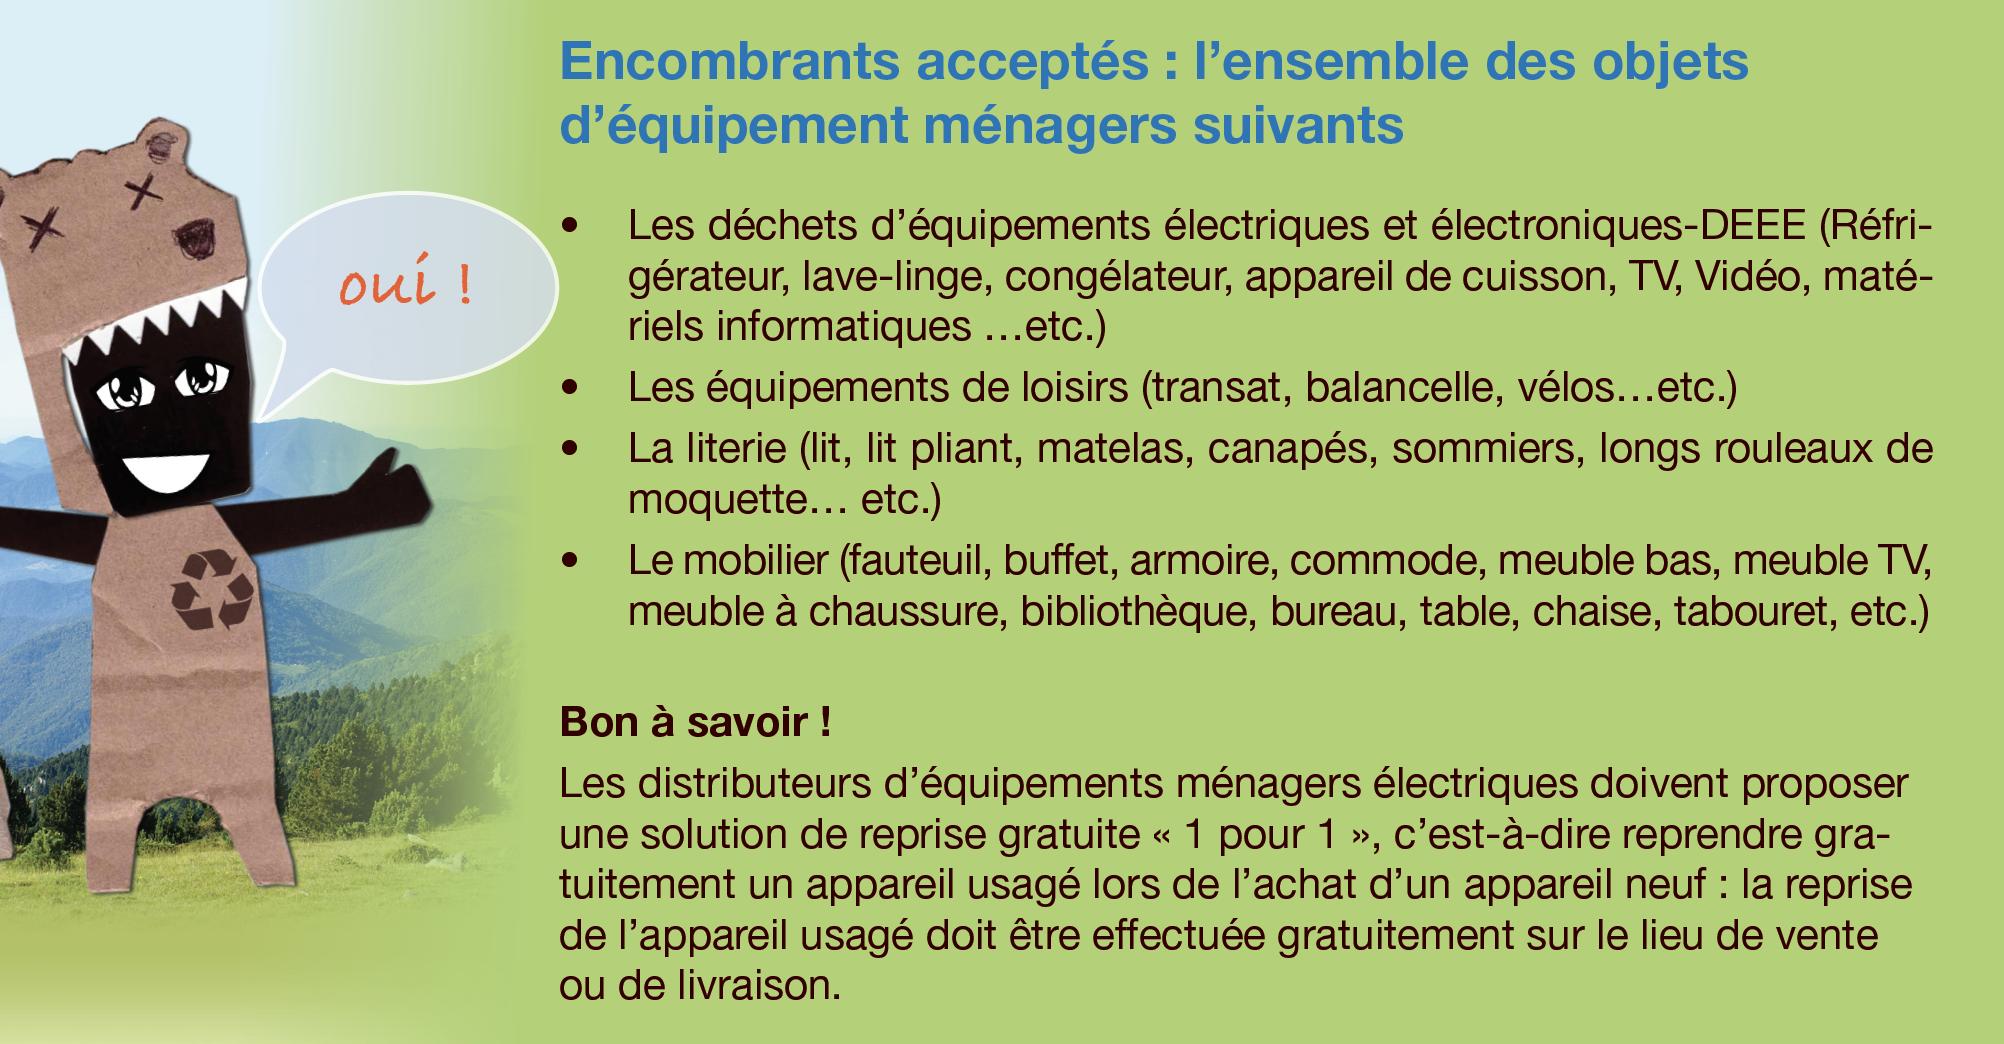 Encombrants1.png